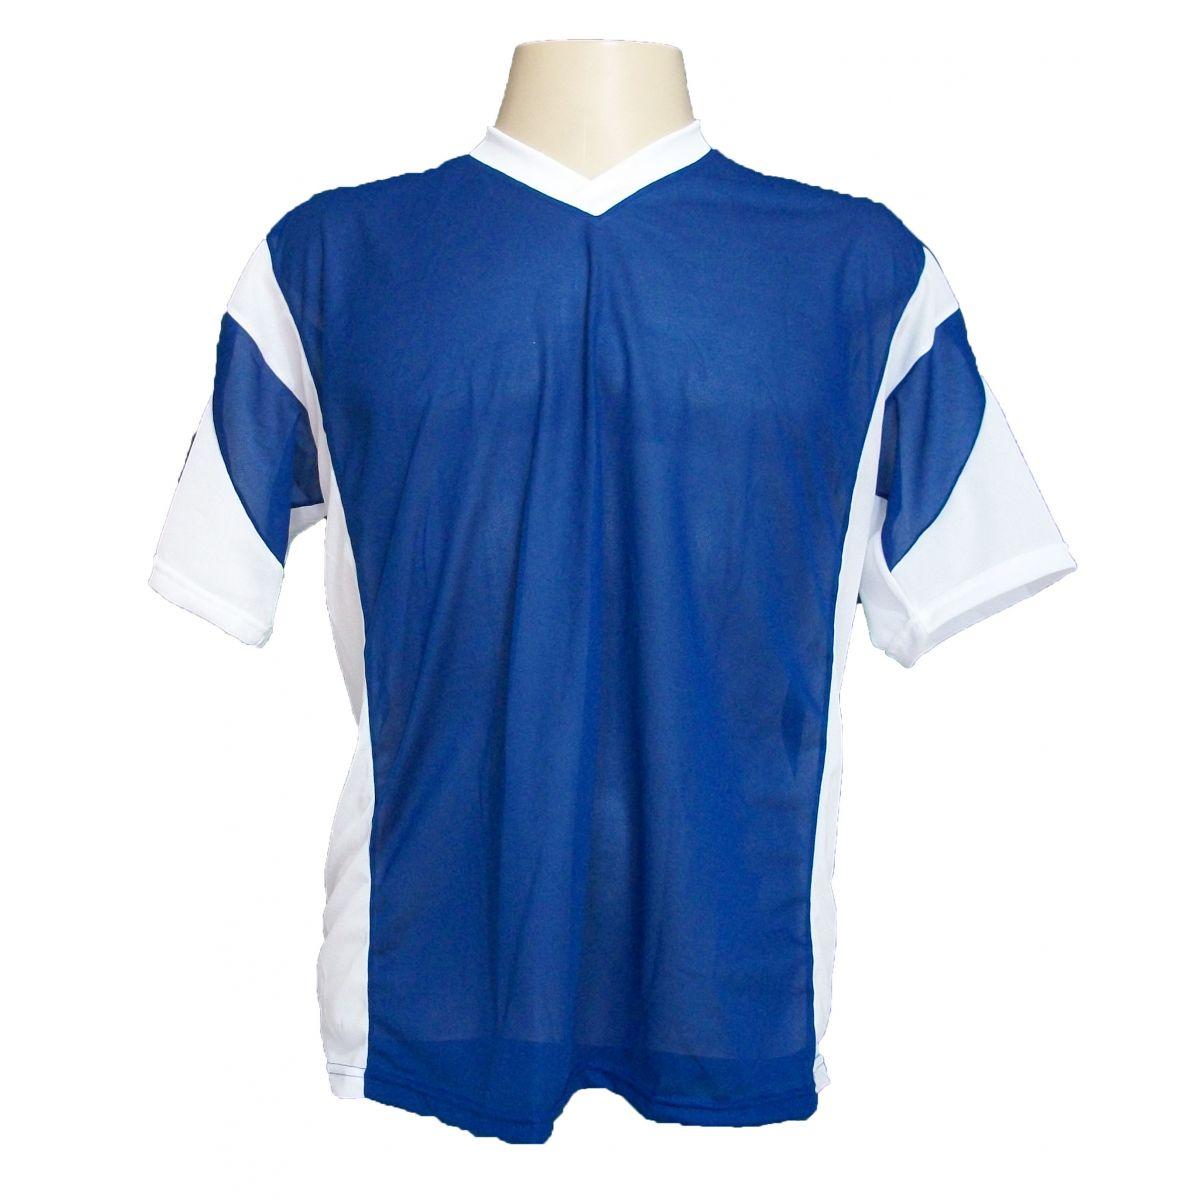 Jogo de Camisa Promocional com 12 Peças Numeradas Modelo Attack Royal/Branco - Frete Grátis Brasil